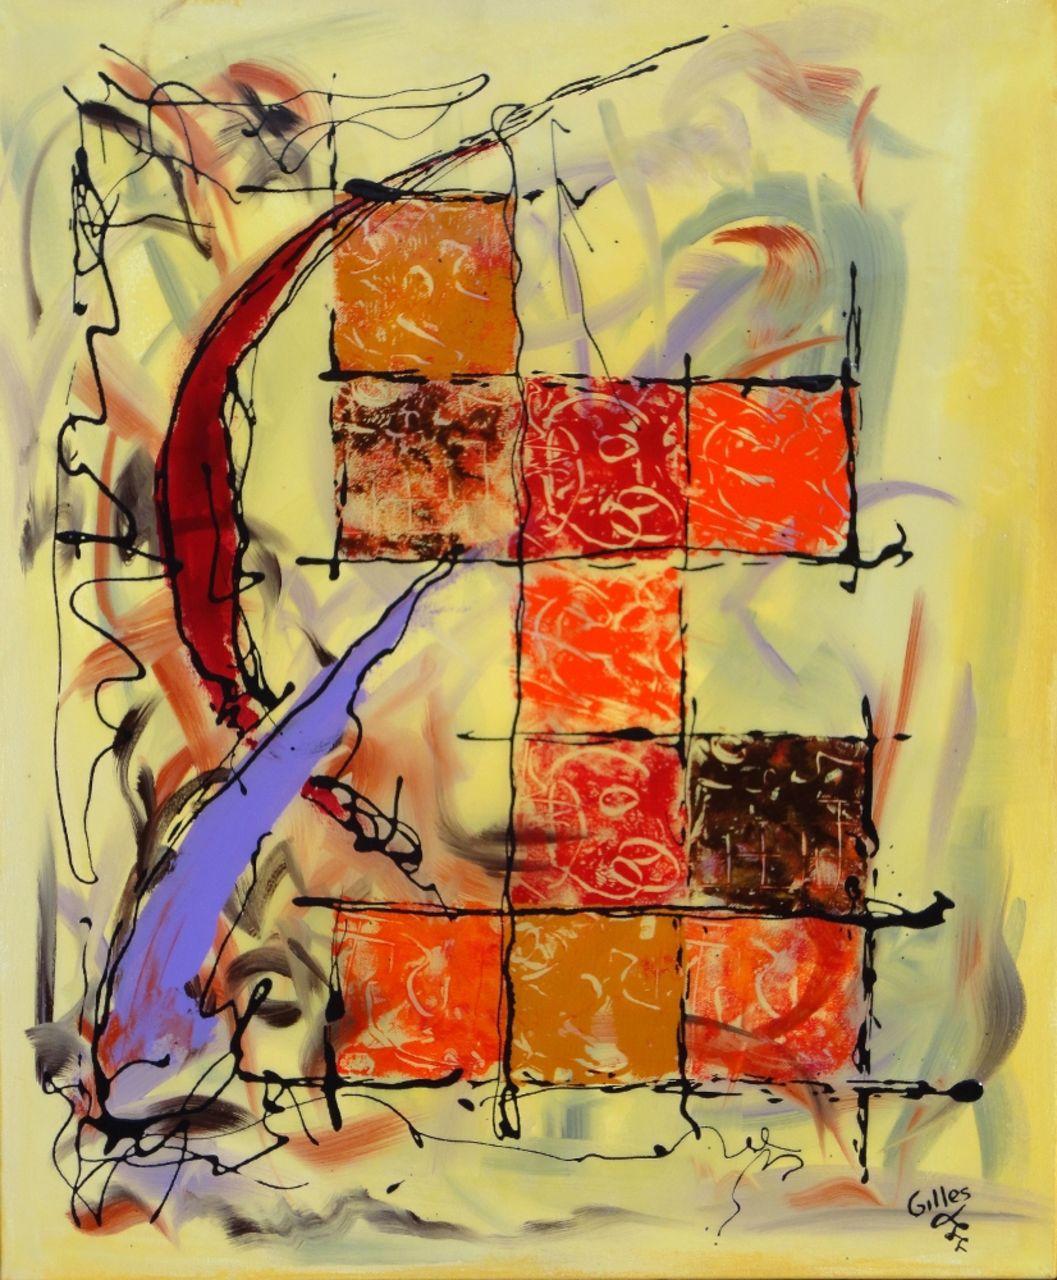 Gilles Bernard carré 111